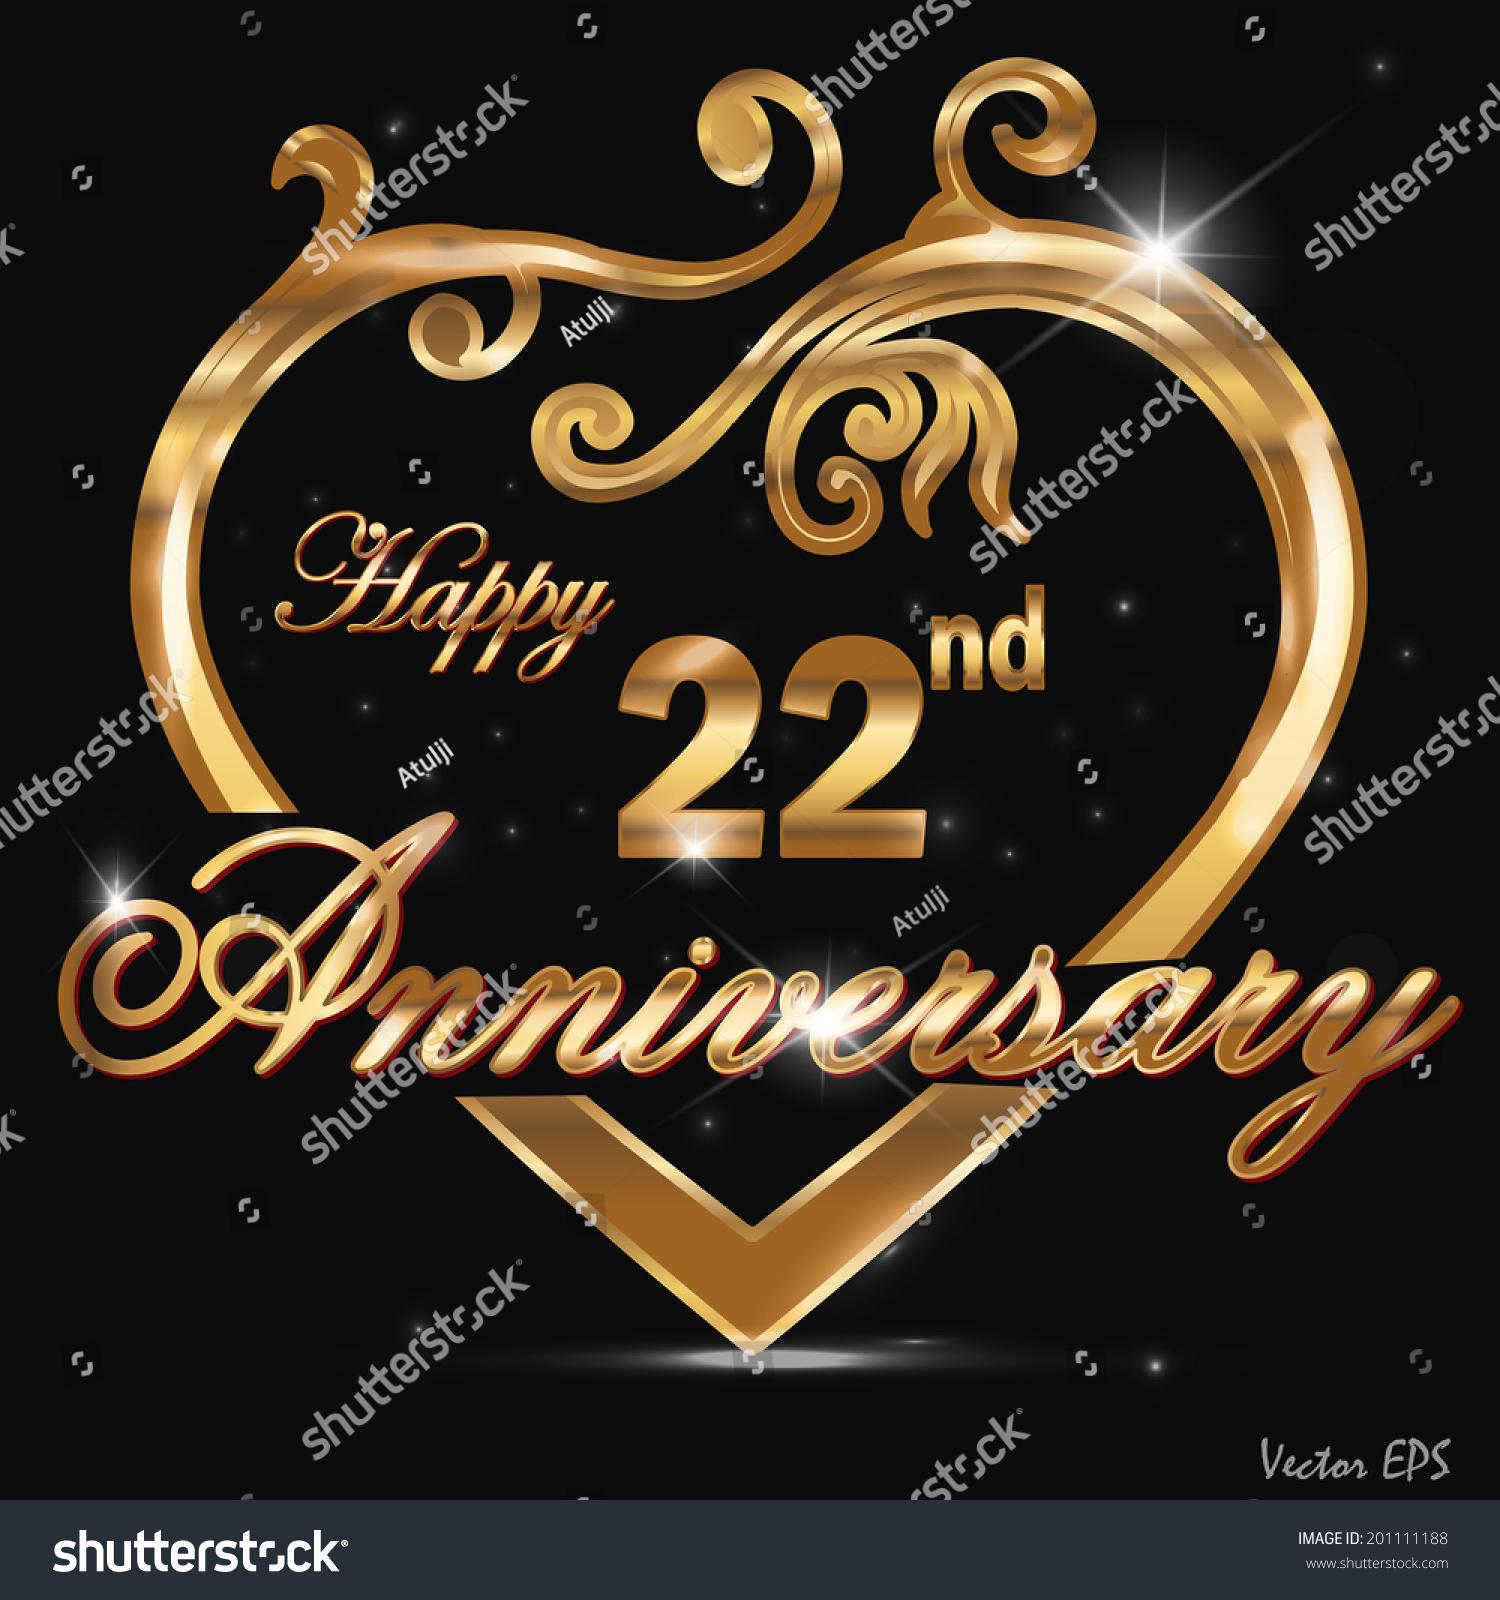 22 year anniversary golden label, 22nd anniversary decorative golden ...